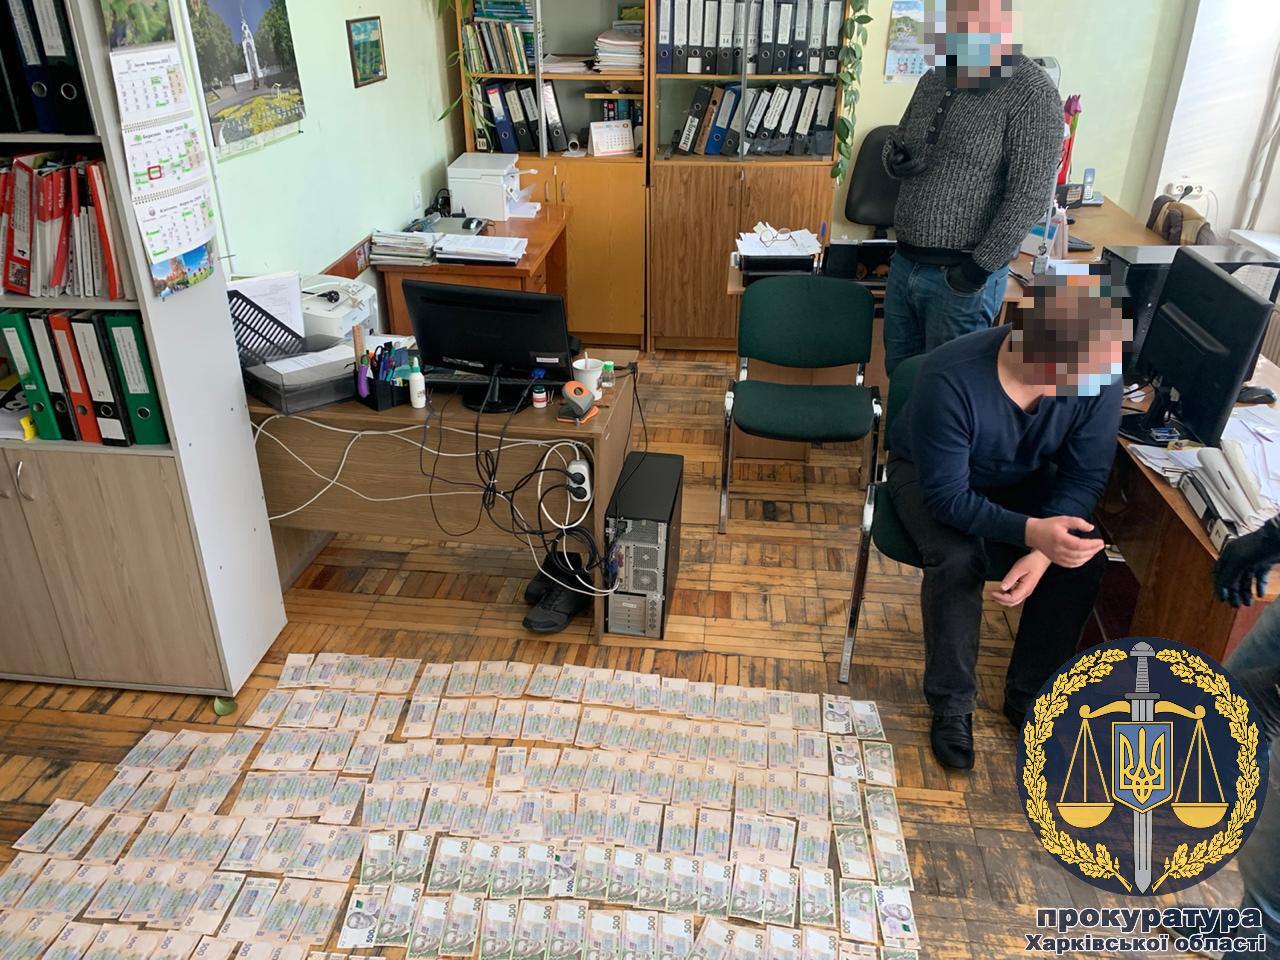 Чиновнику, который получил 135 тыс. грн. взятки, грозит от 5 до 10 лет тюрьмы (видео)